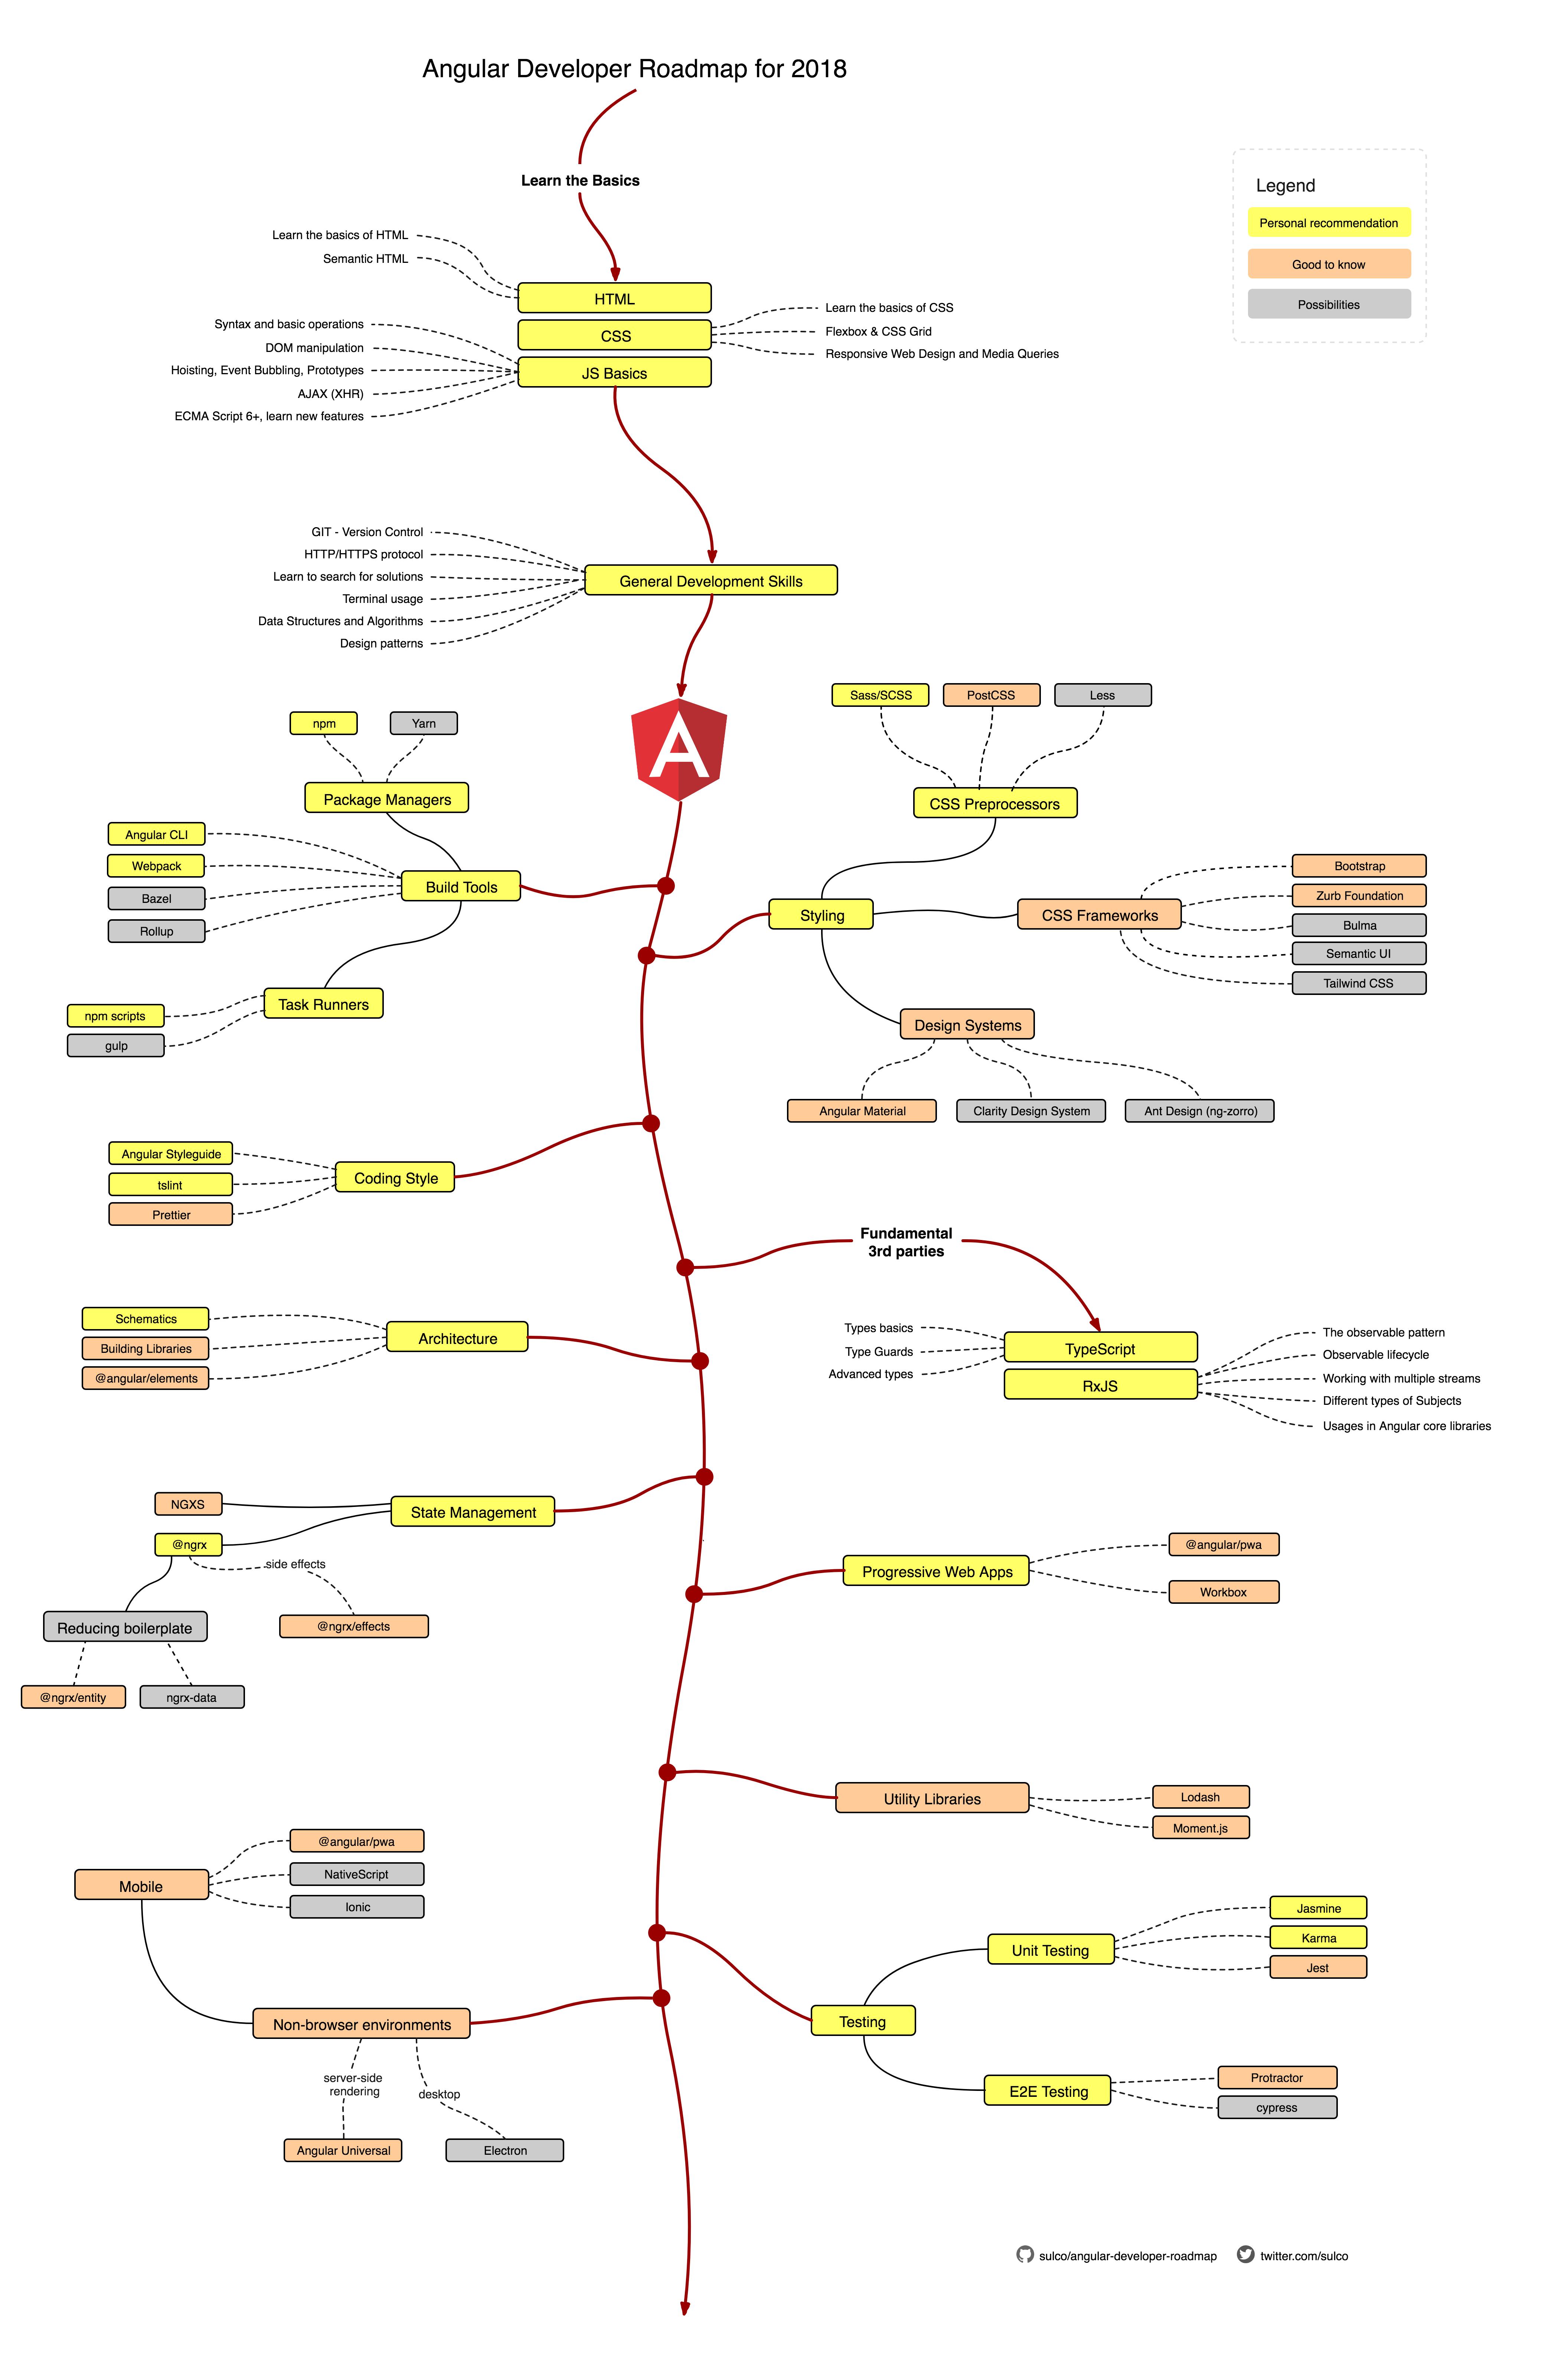 разработка веб-приложений с использованием angularjs pdf скачать